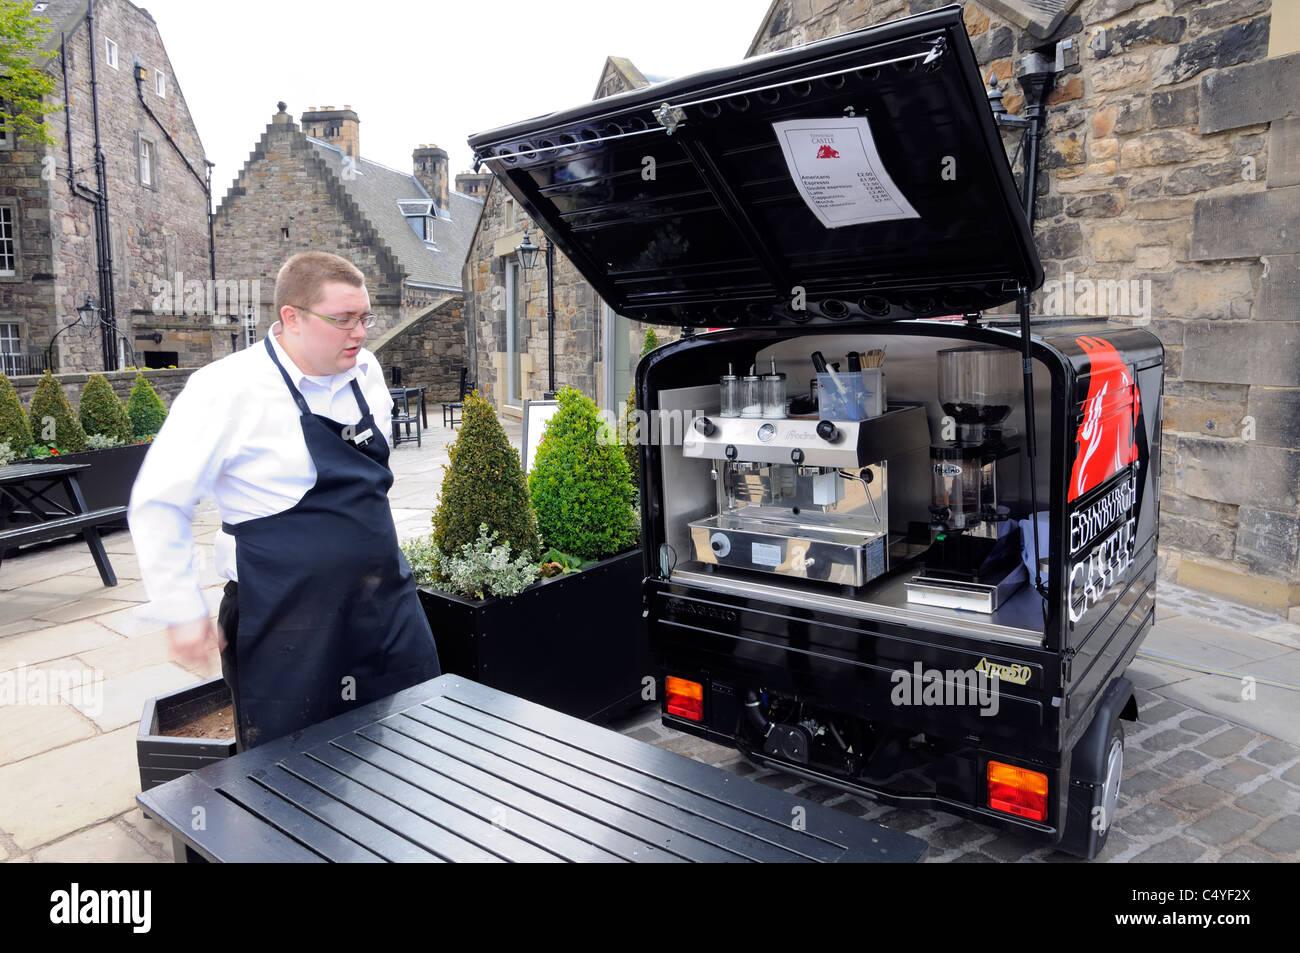 edinburgh castle portable coffee maker in a piaggio ape 50. Black Bedroom Furniture Sets. Home Design Ideas